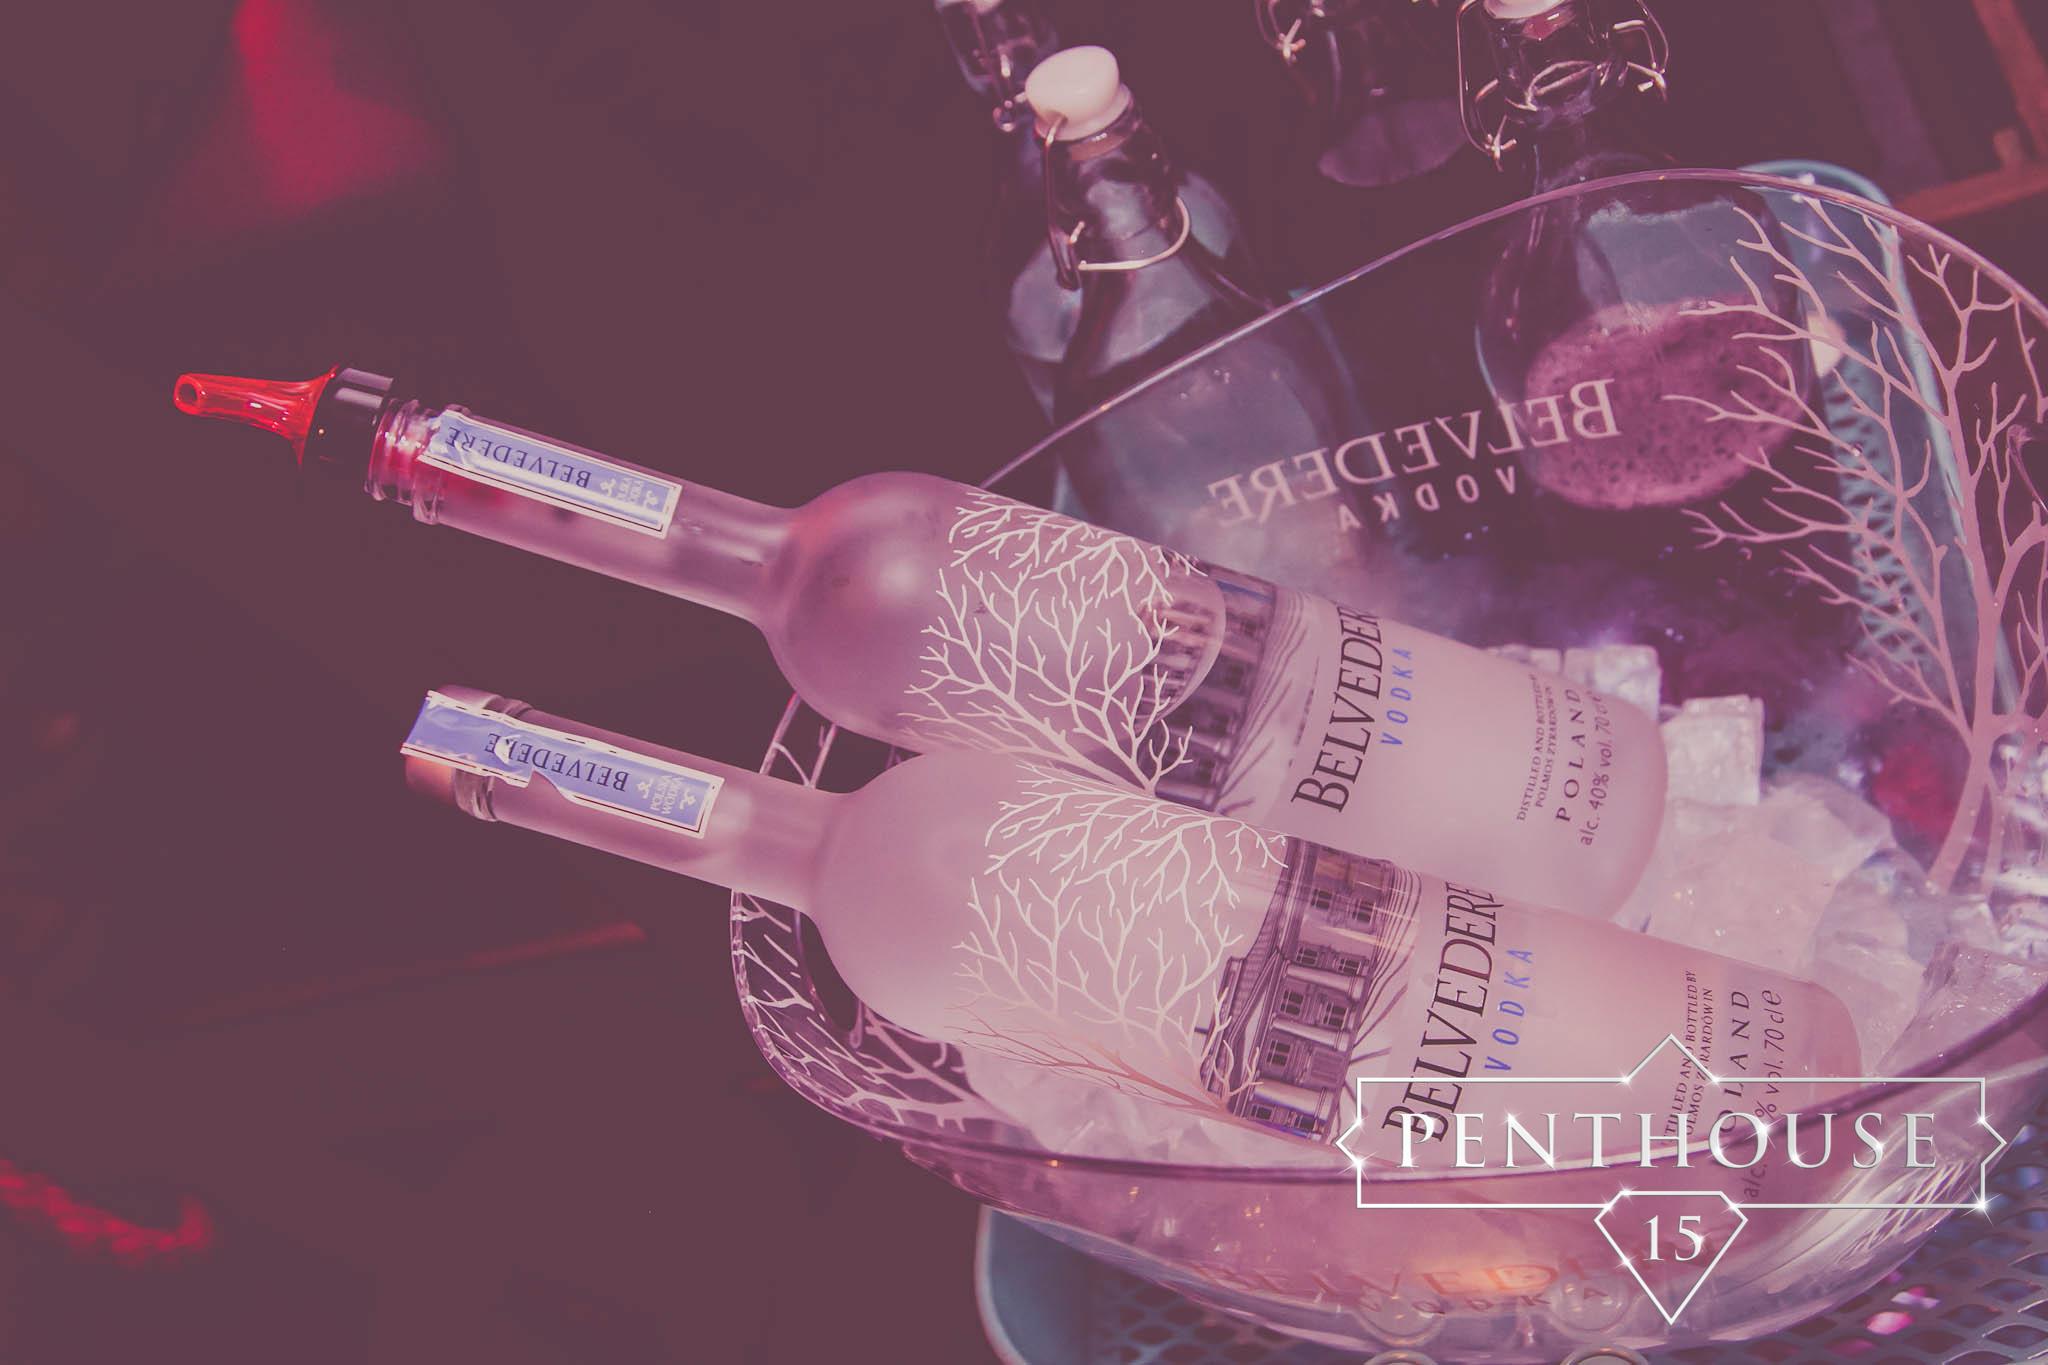 Penthouse_cream_0139.jpg